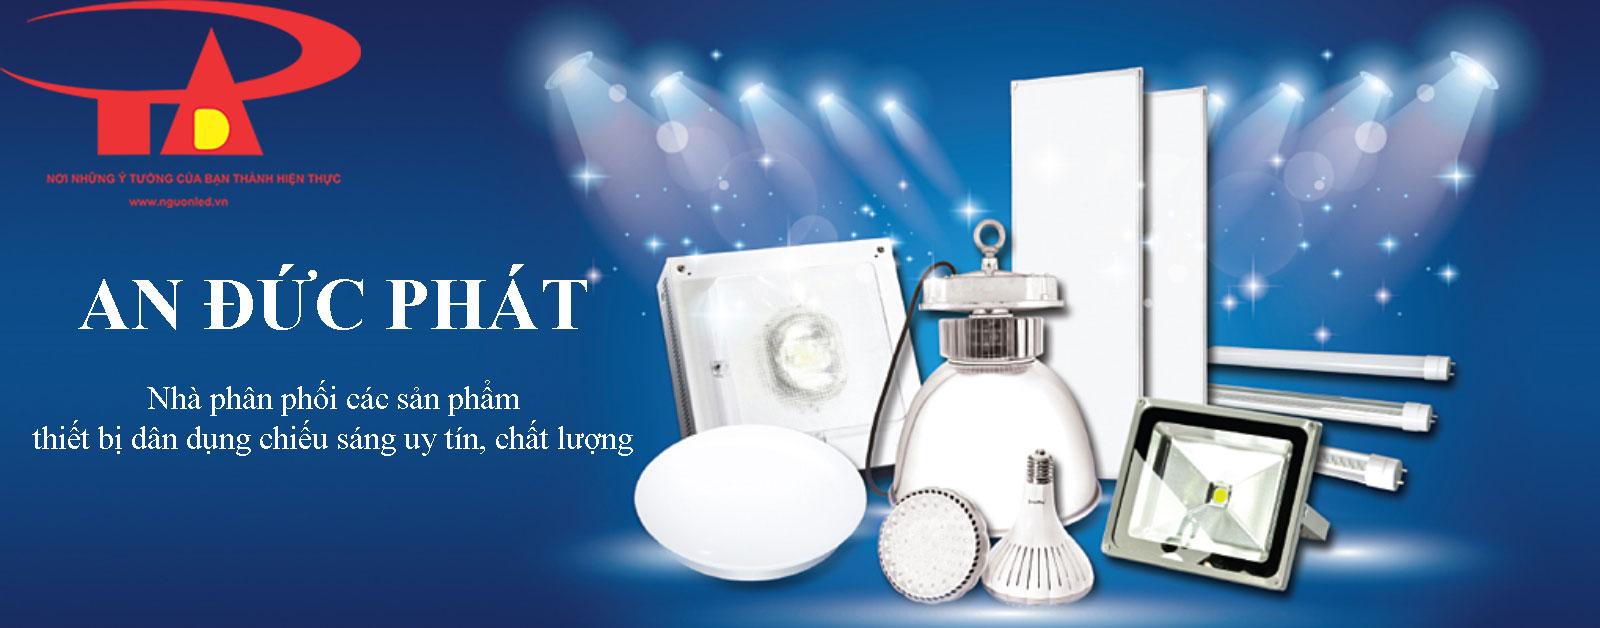 công ty cung cấp thiết bị chiếu sáng dân dụng và ngoài trời An Đức Phát